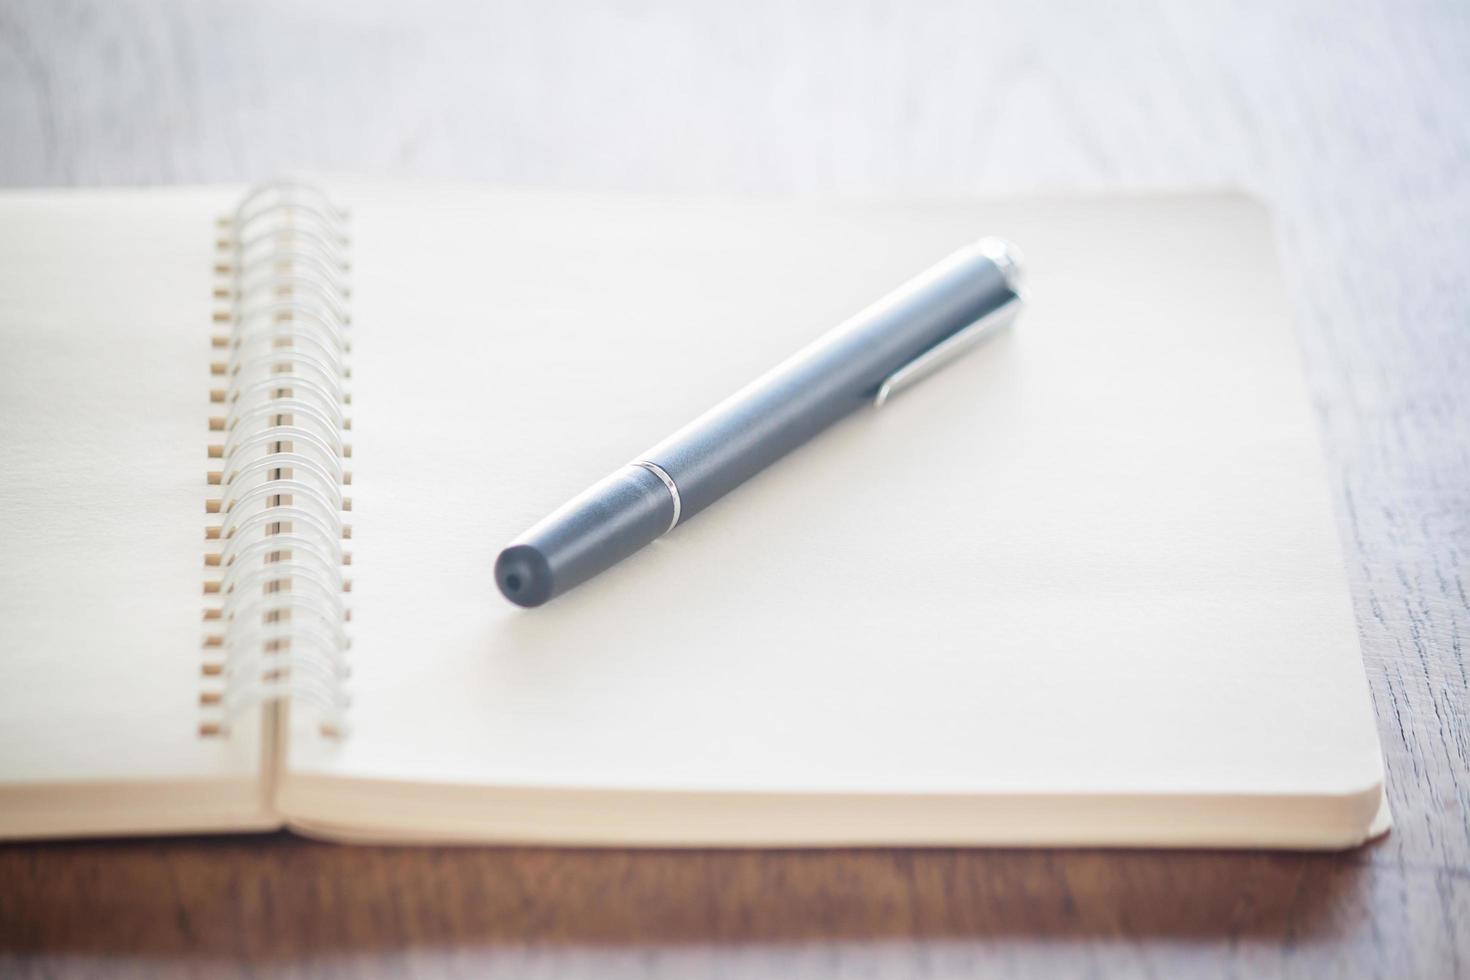 stylo avec un cahier photo